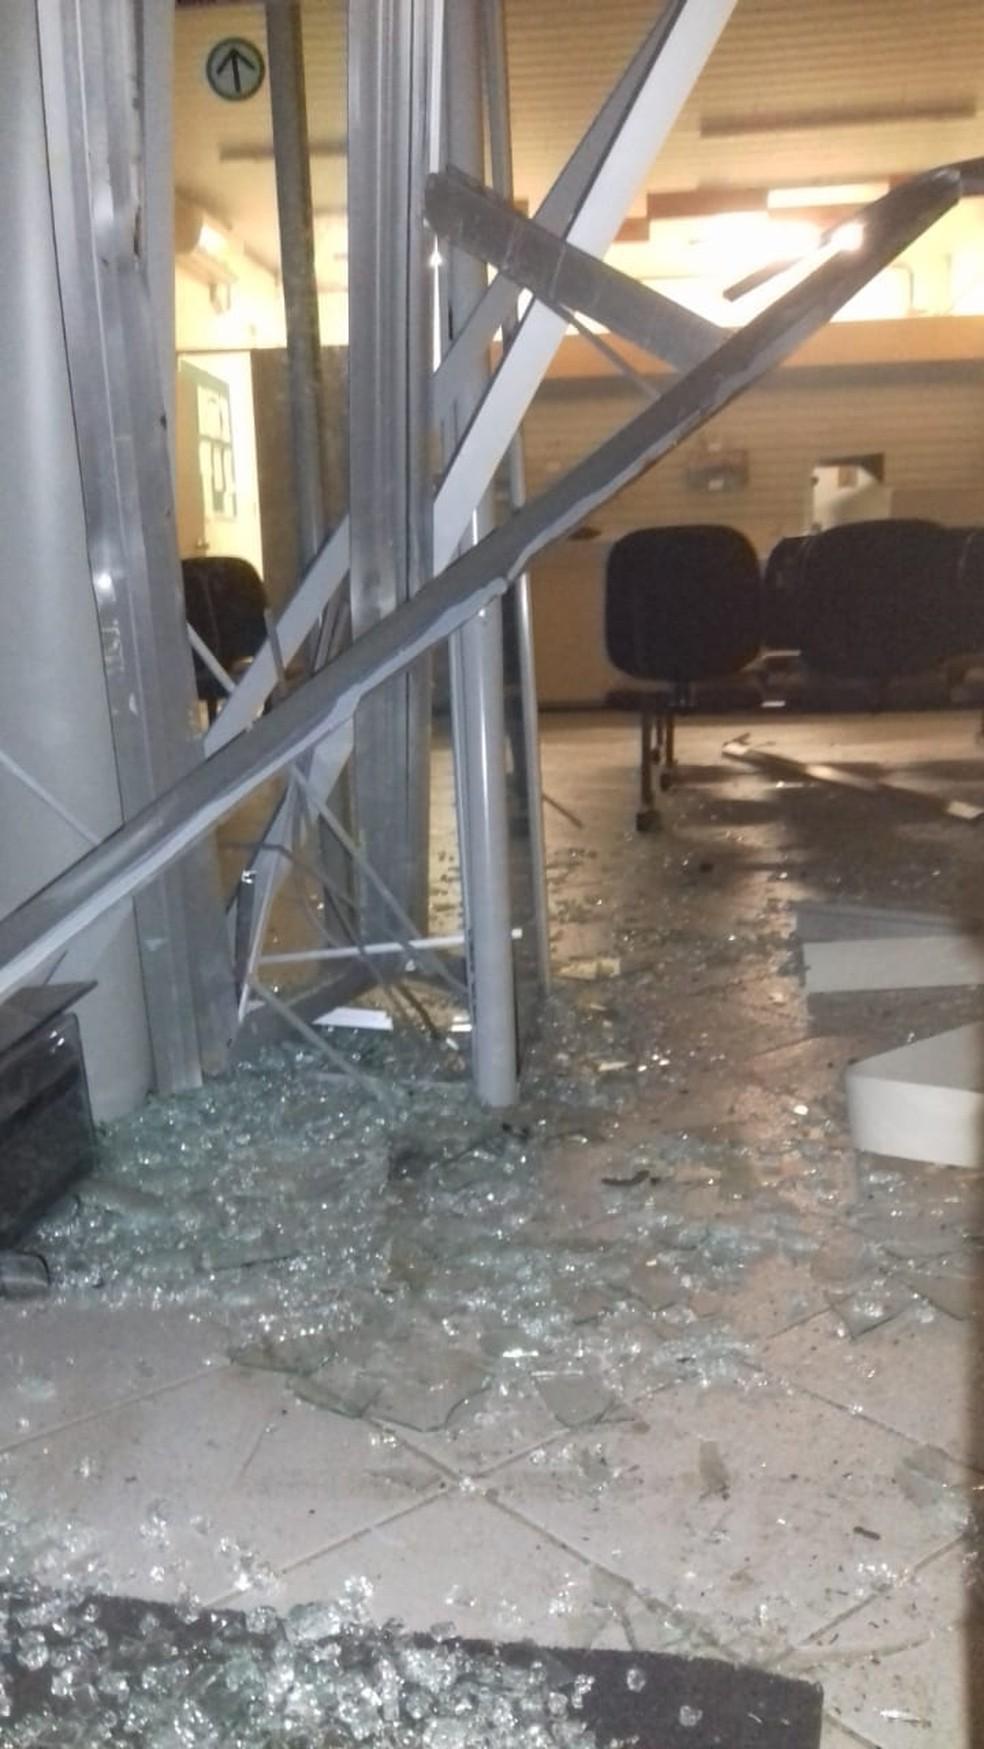 Agência dos Correios do município de Várzea, interior do RN, foi arrombada no mês de julho de 2018 — Foto: Redes Sociais